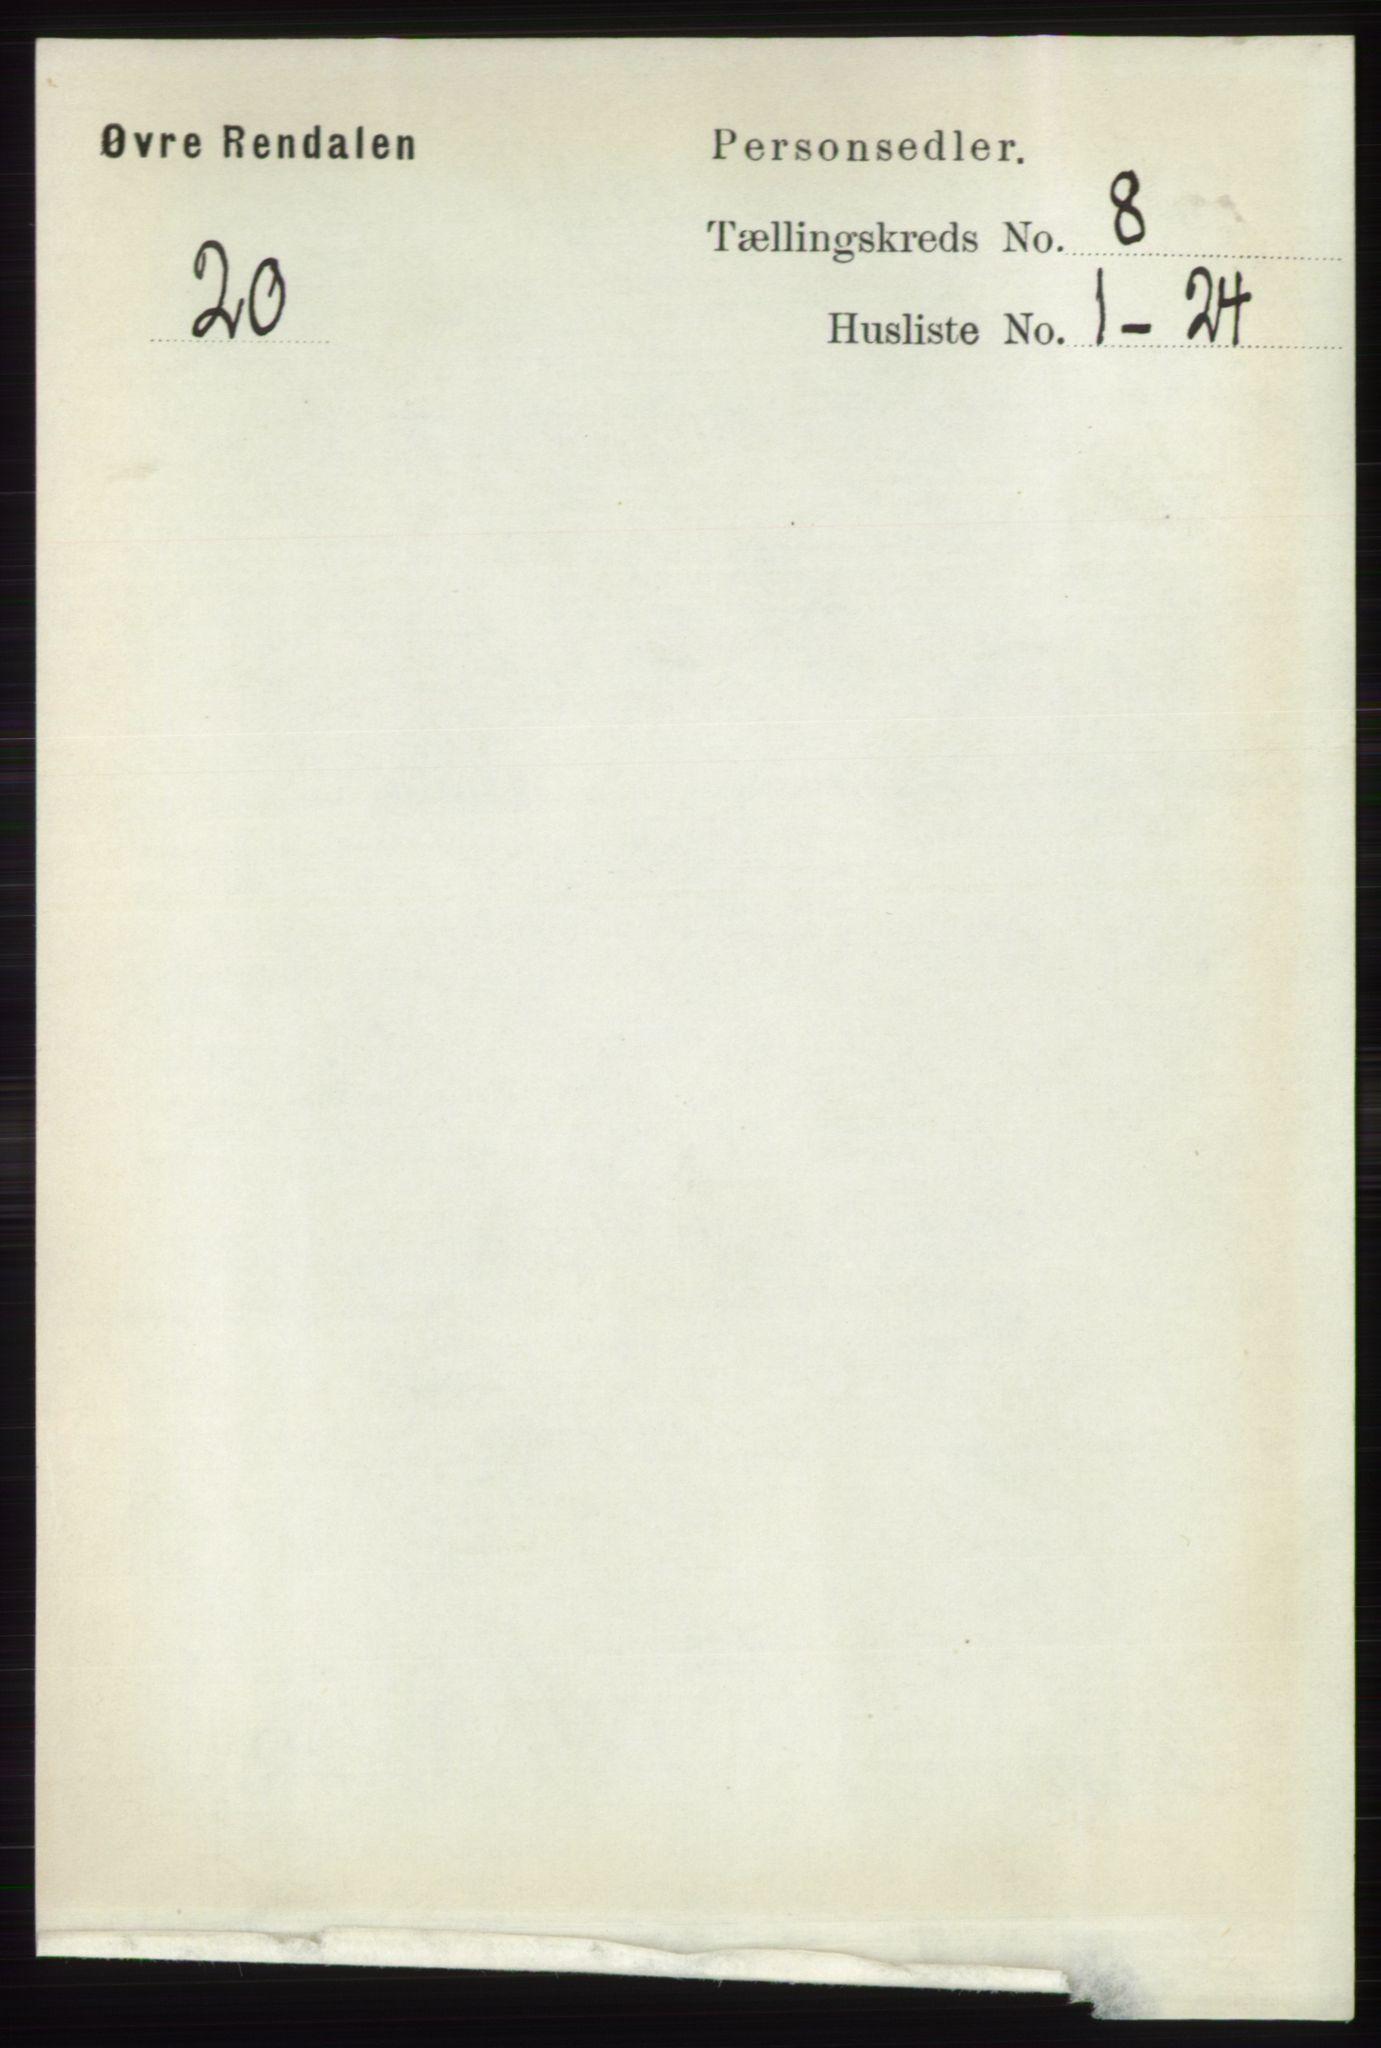 RA, Folketelling 1891 for 0433 Øvre Rendal herred, 1891, s. 1999